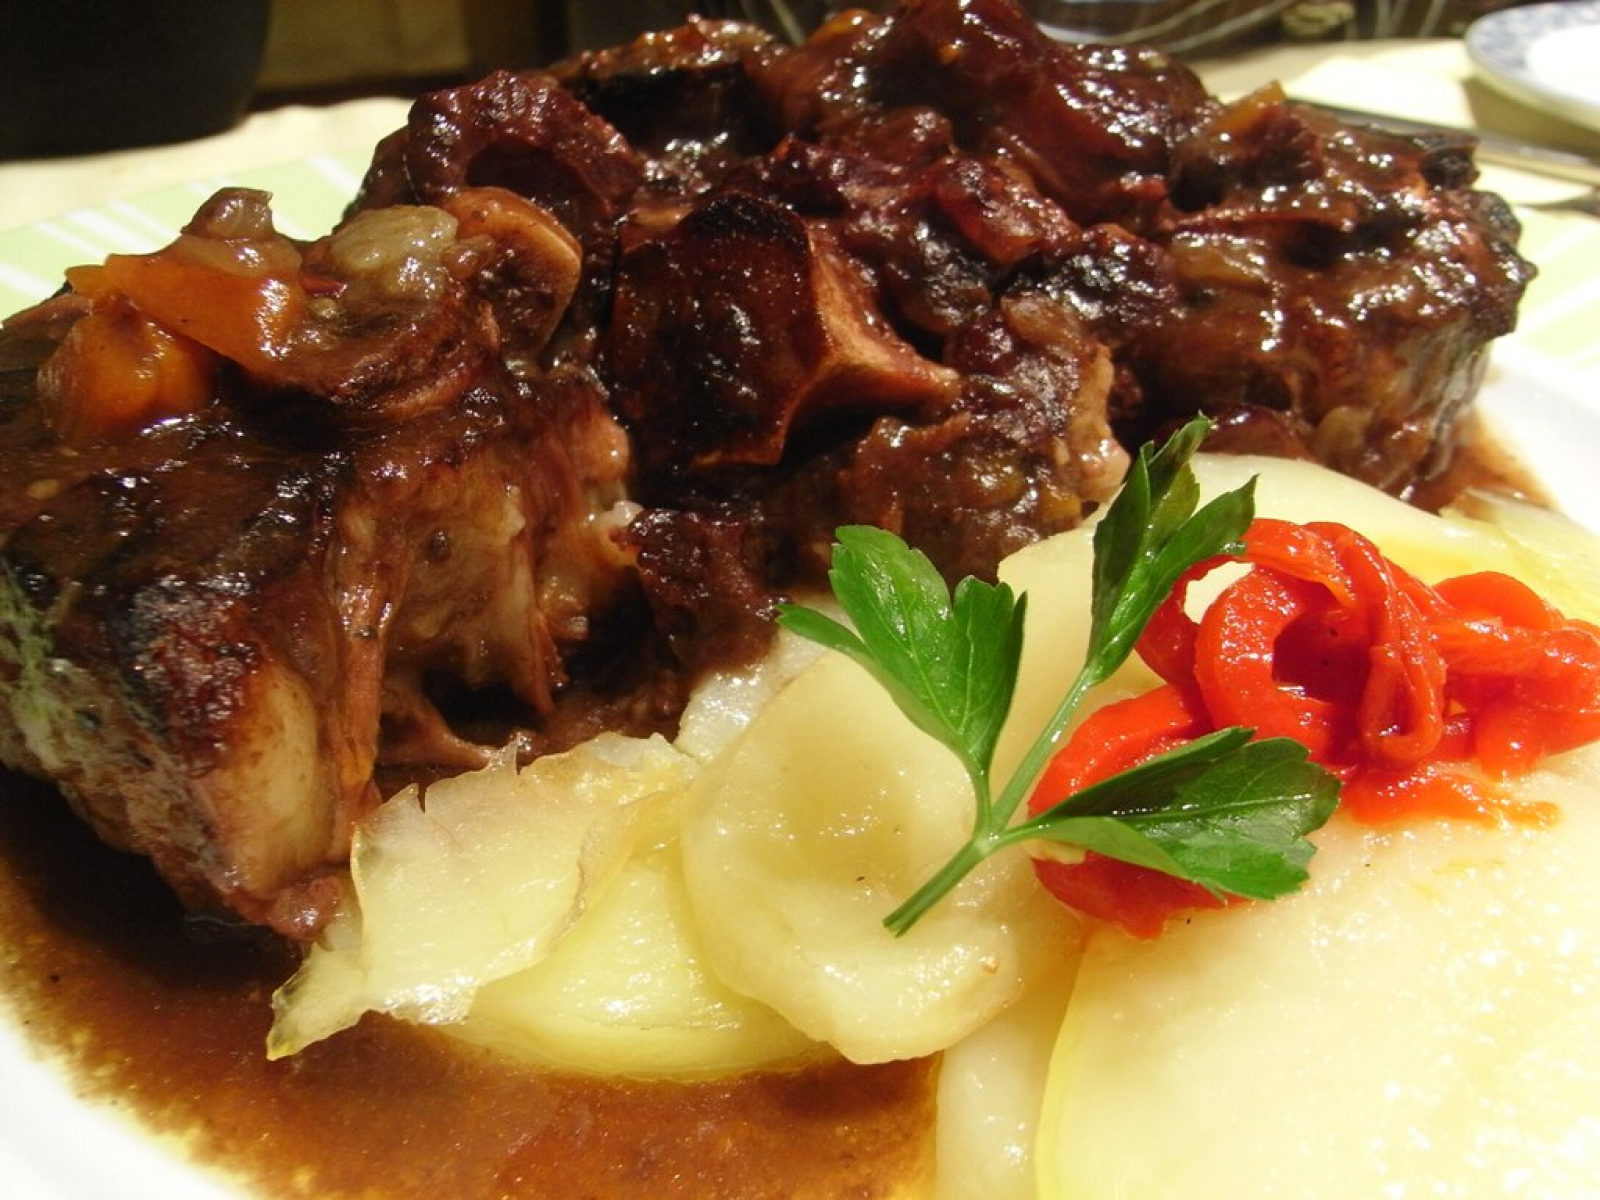 La cua de bou, un plat tradicional cordovès que aprofita aquest apèndixs del bestiar boví